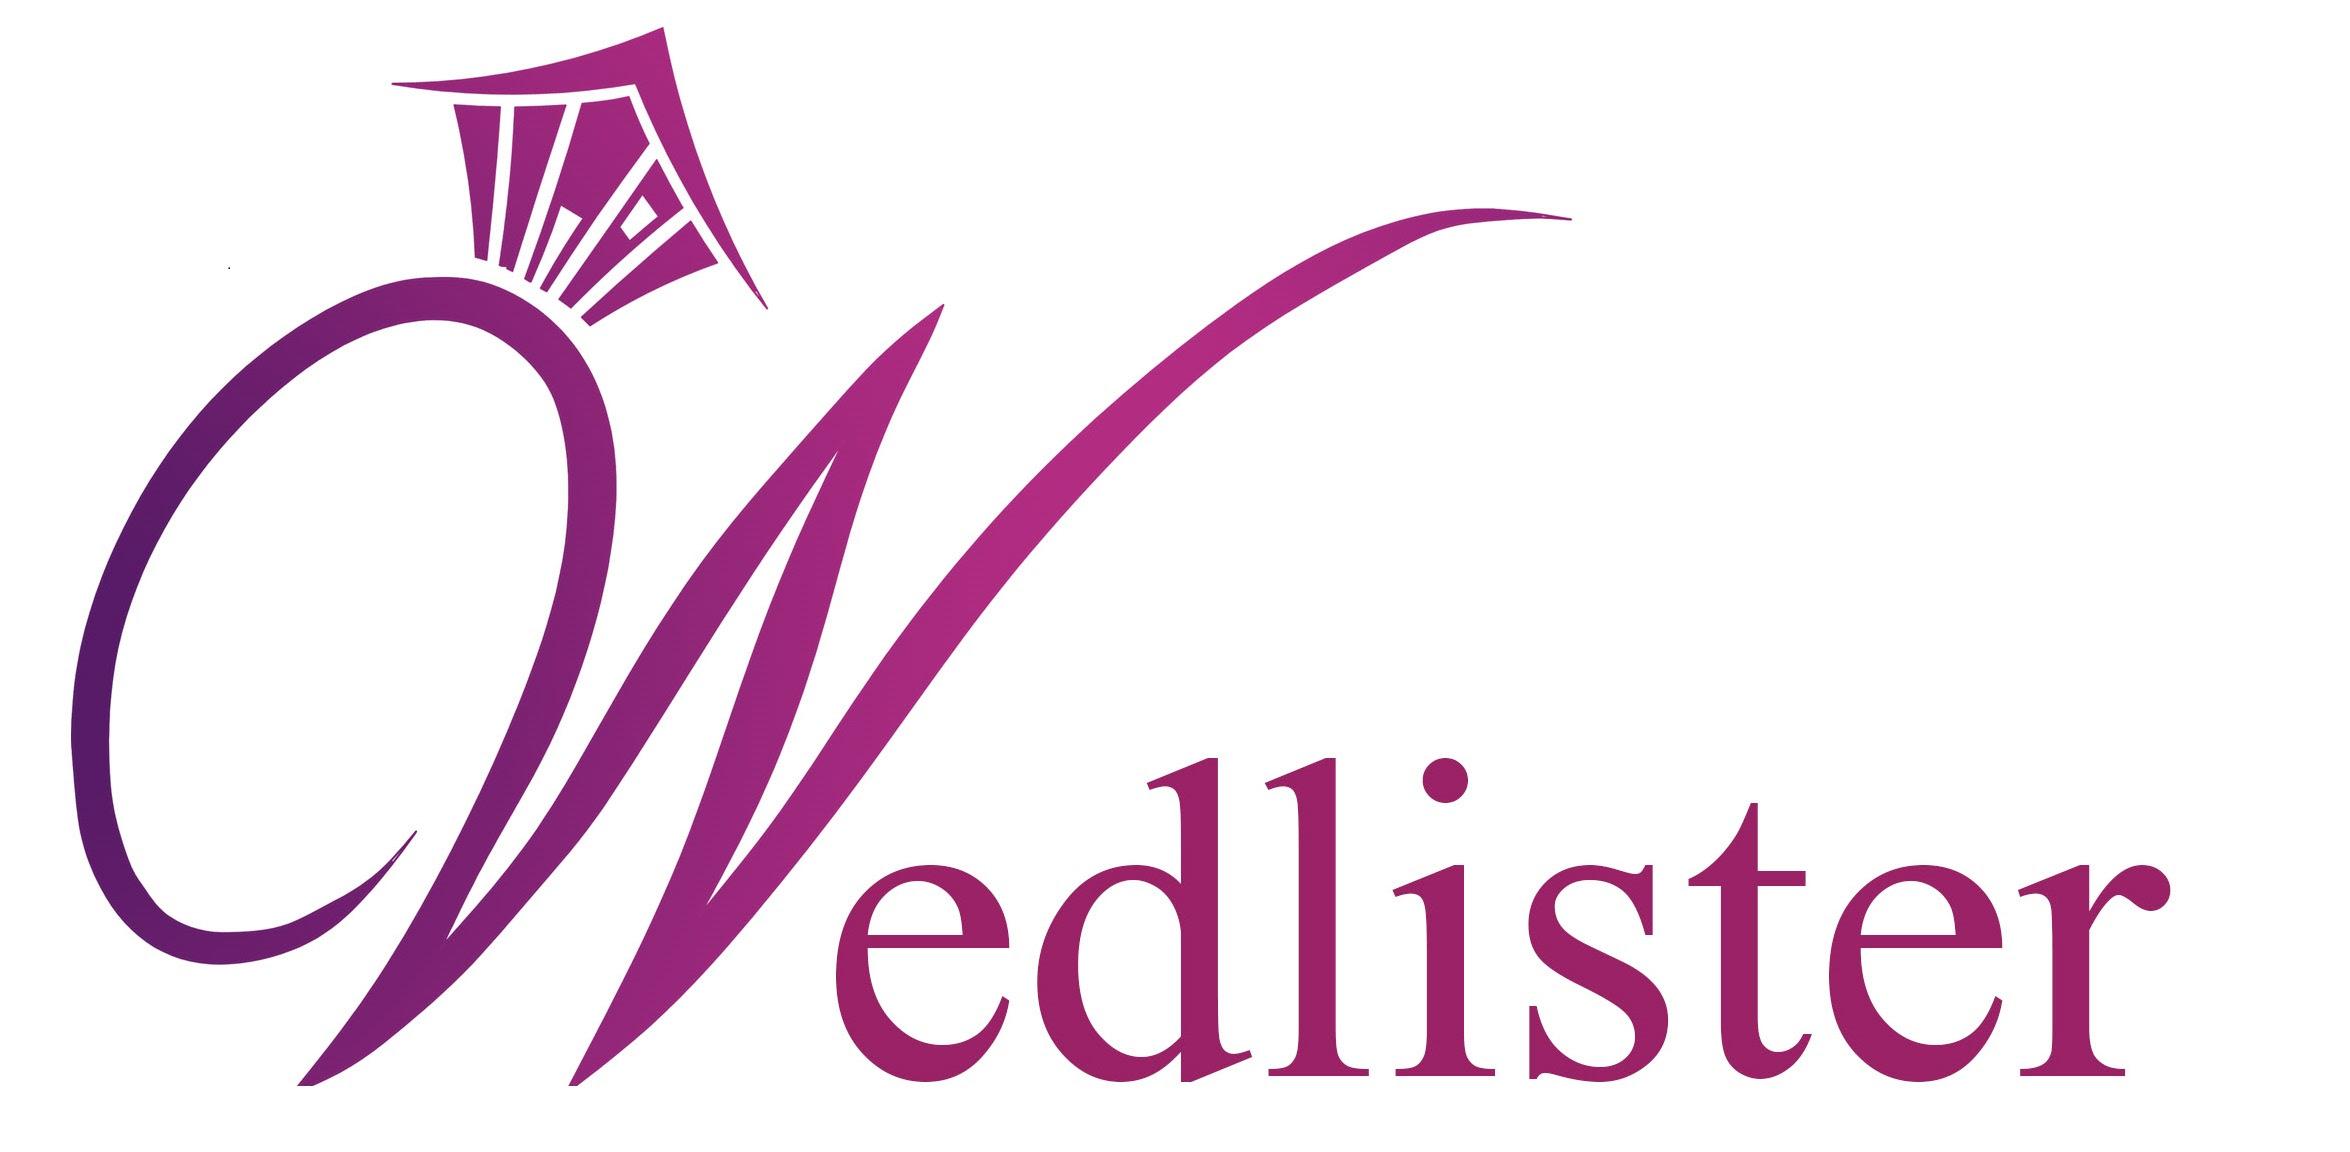 Wedlister.com